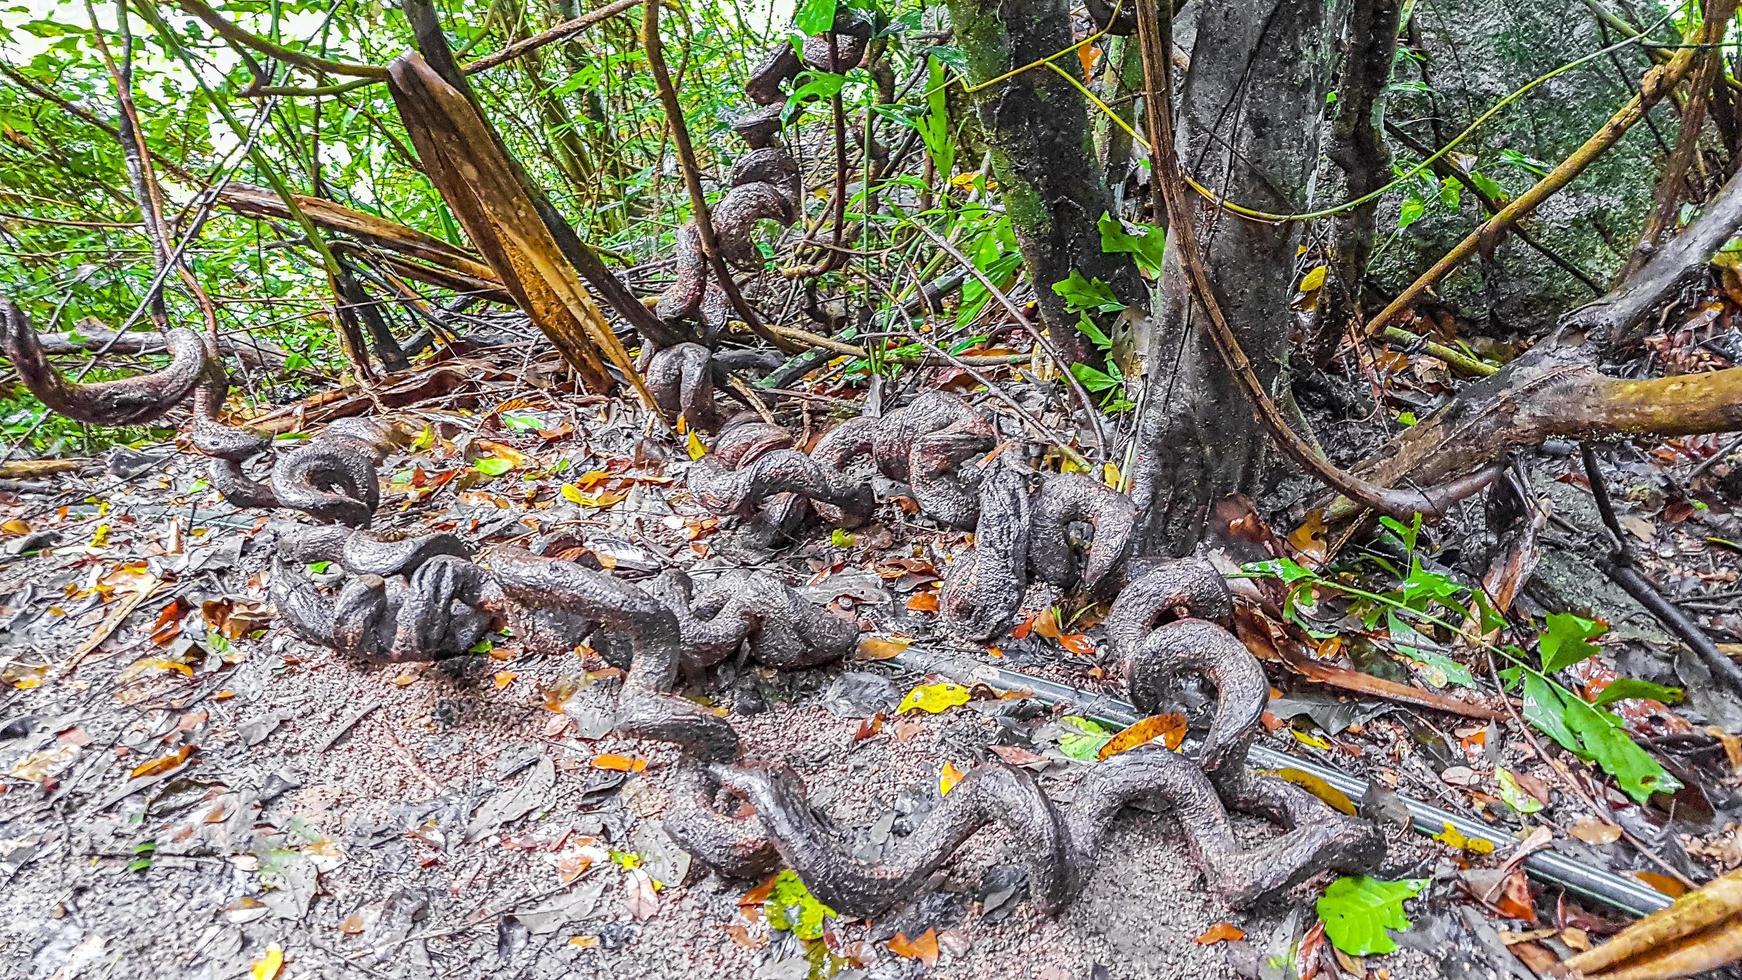 racines devenues folles dans la forêt tropicale du cercle koh samui en thaïlande. photo